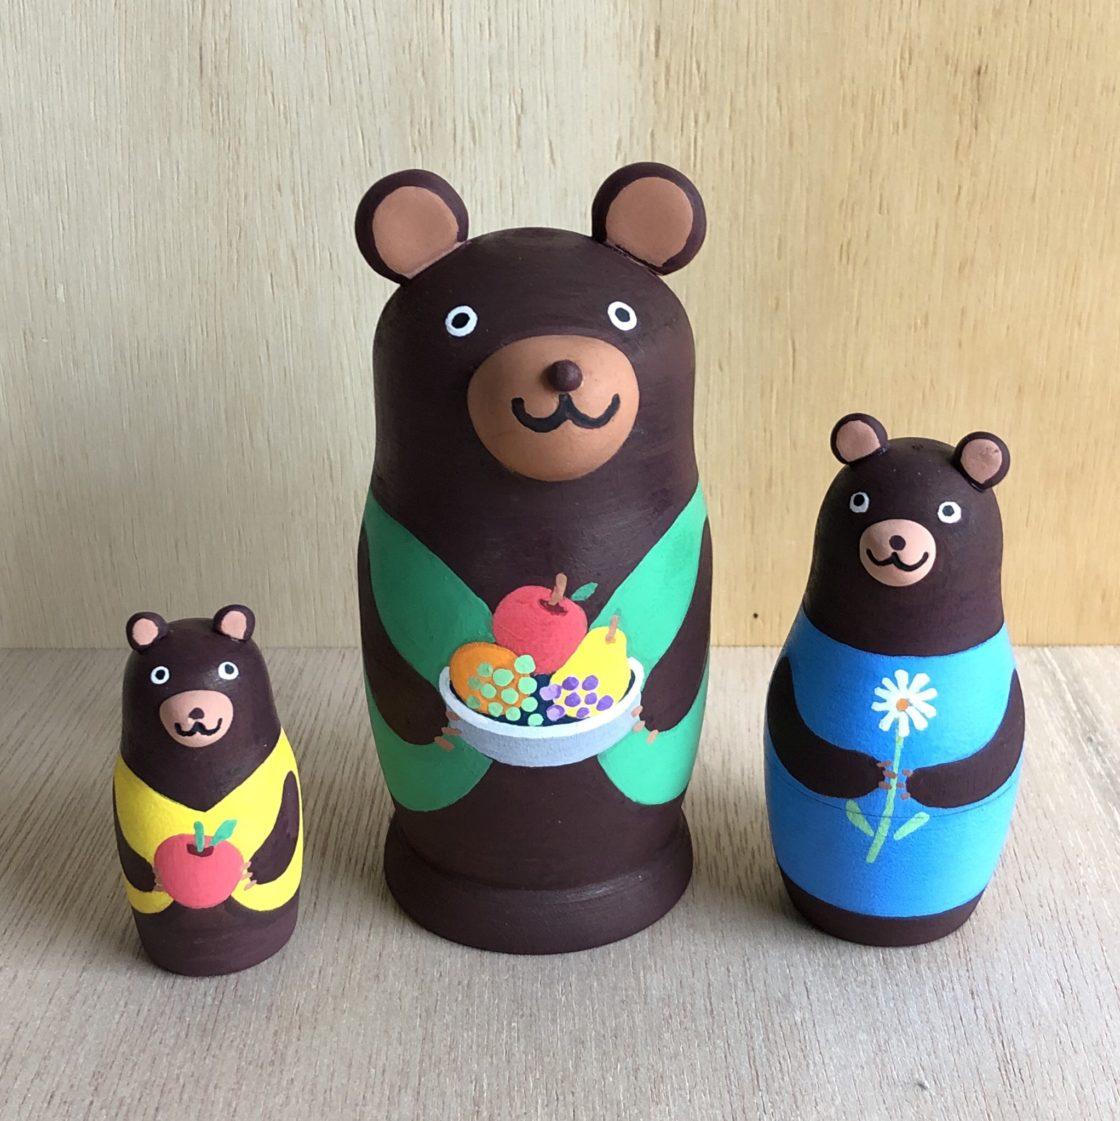 3匹のクマリョーシカ作り&森のこびとの指人形作り 1